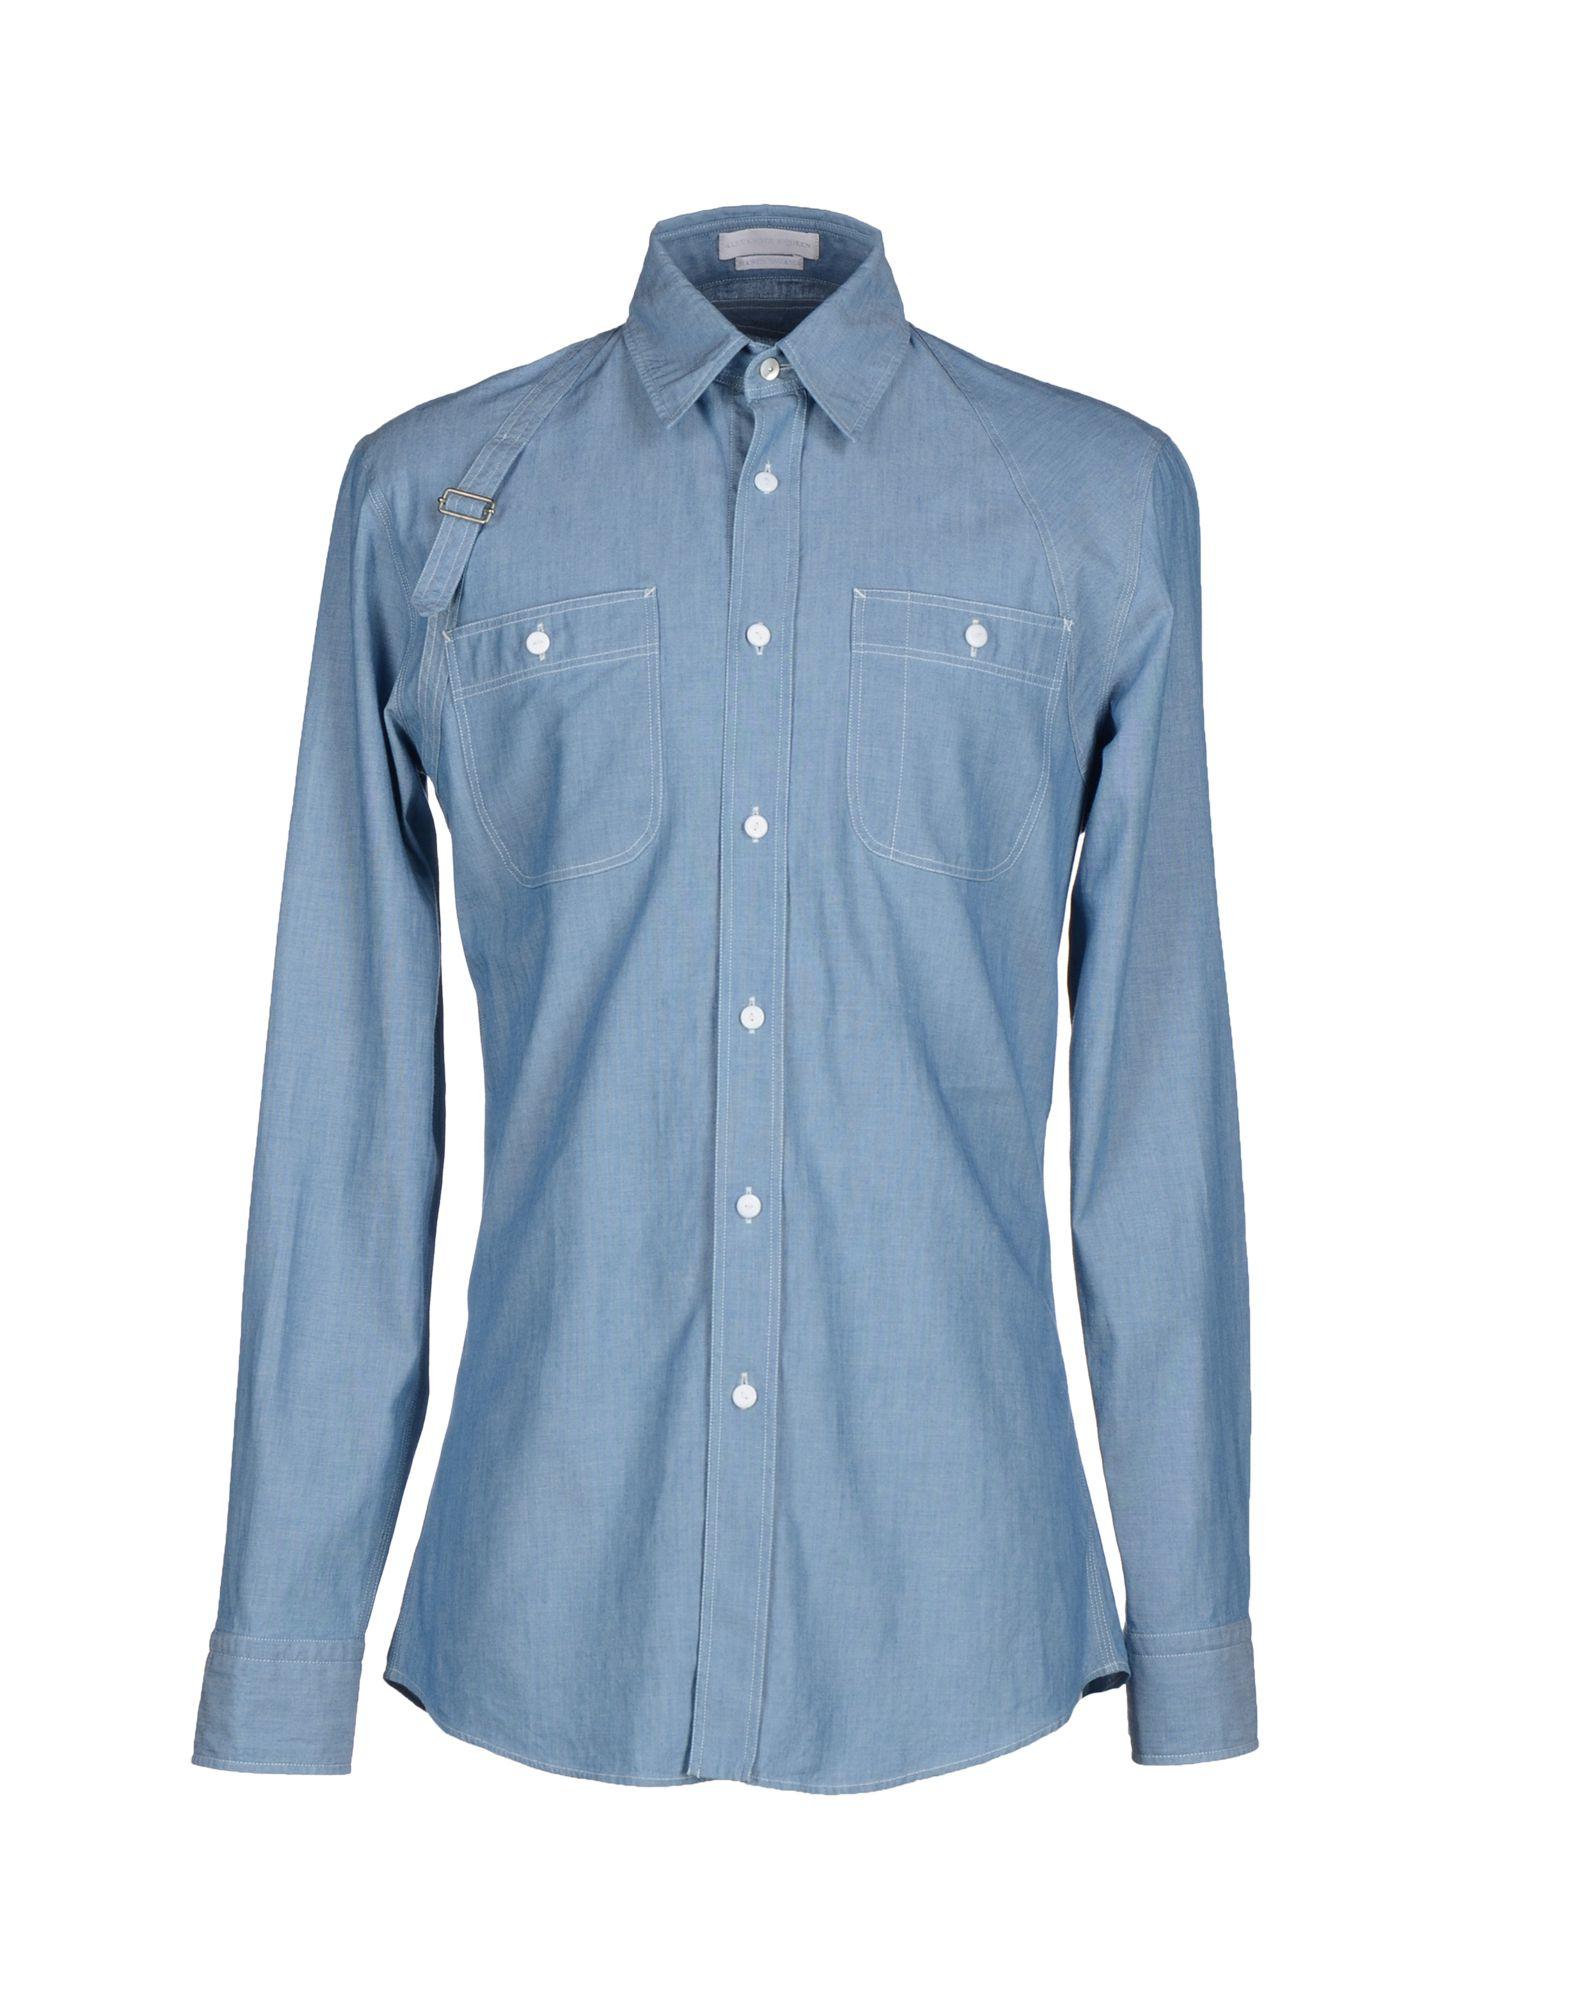 Alexander mcqueen shirt in blue for men lyst for Alexander mcqueen shirt men